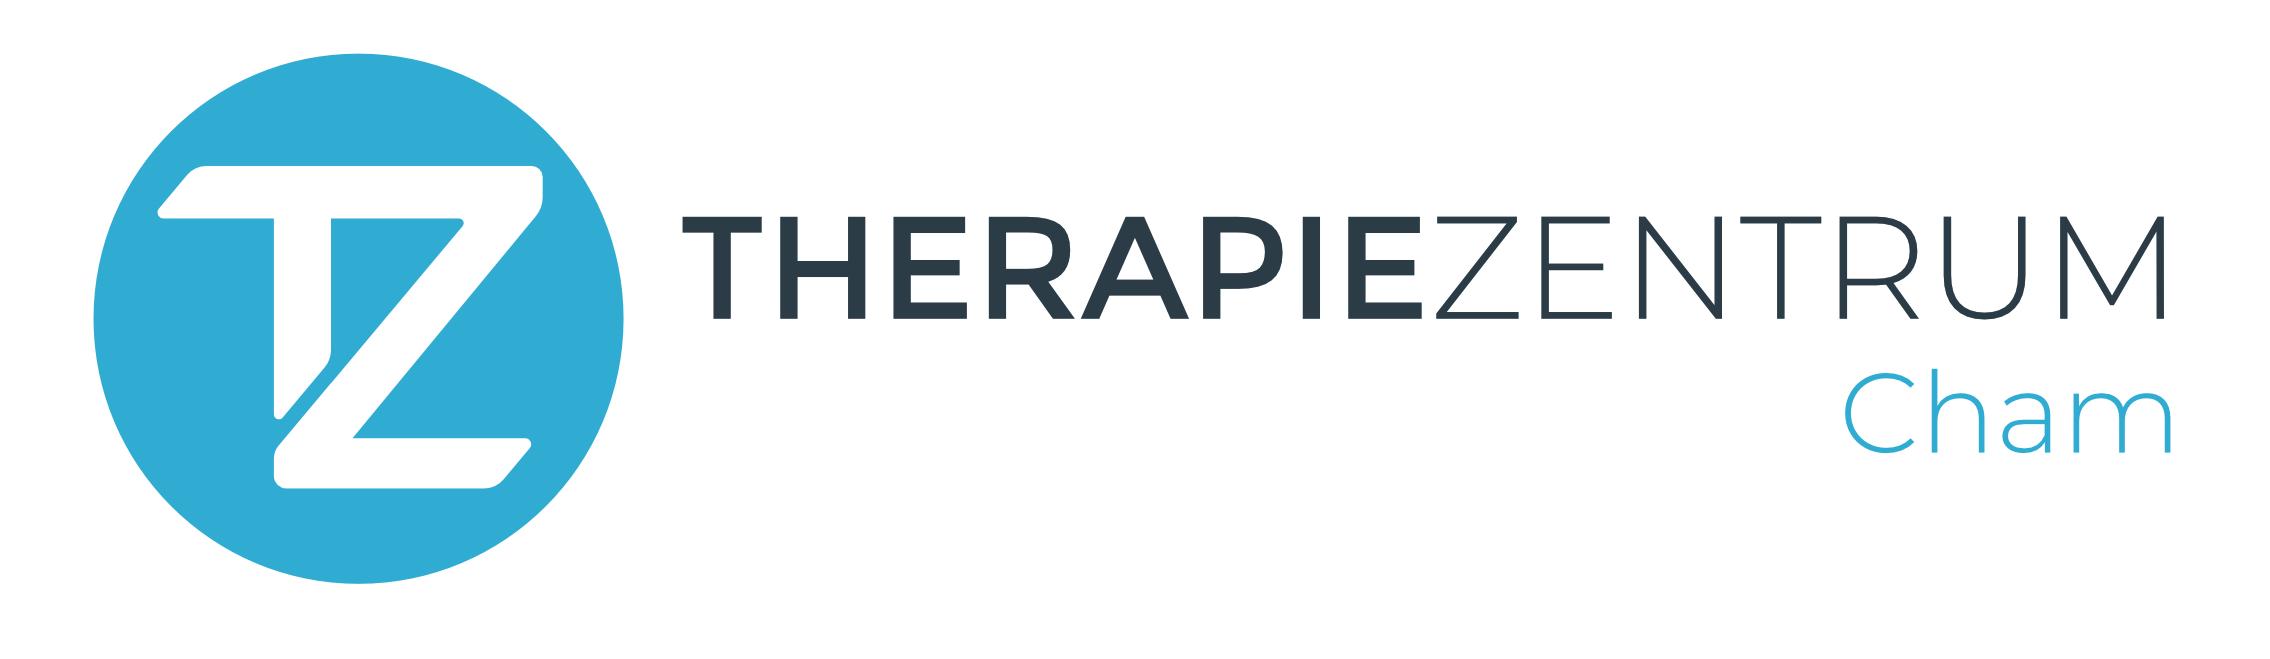 Therapiezentrum im Gesundheitspark am Regenbogen Cham